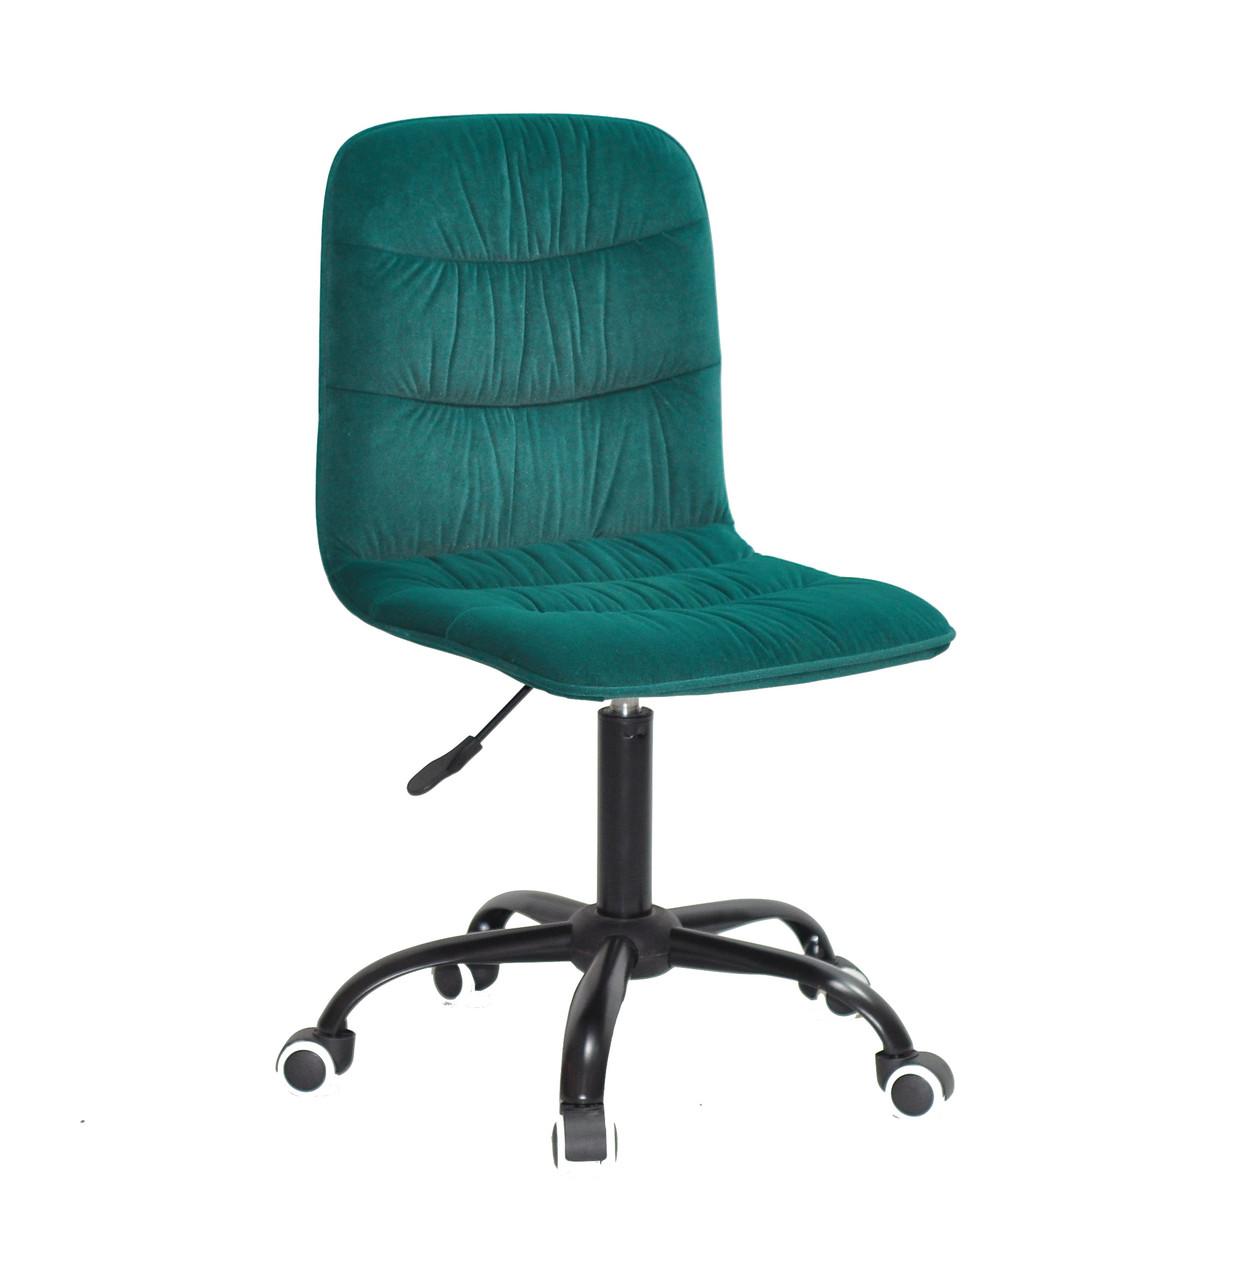 Кресло офисное  на колесах  SPLIT    BK- OFFICE  бархат  , зеленый  1003